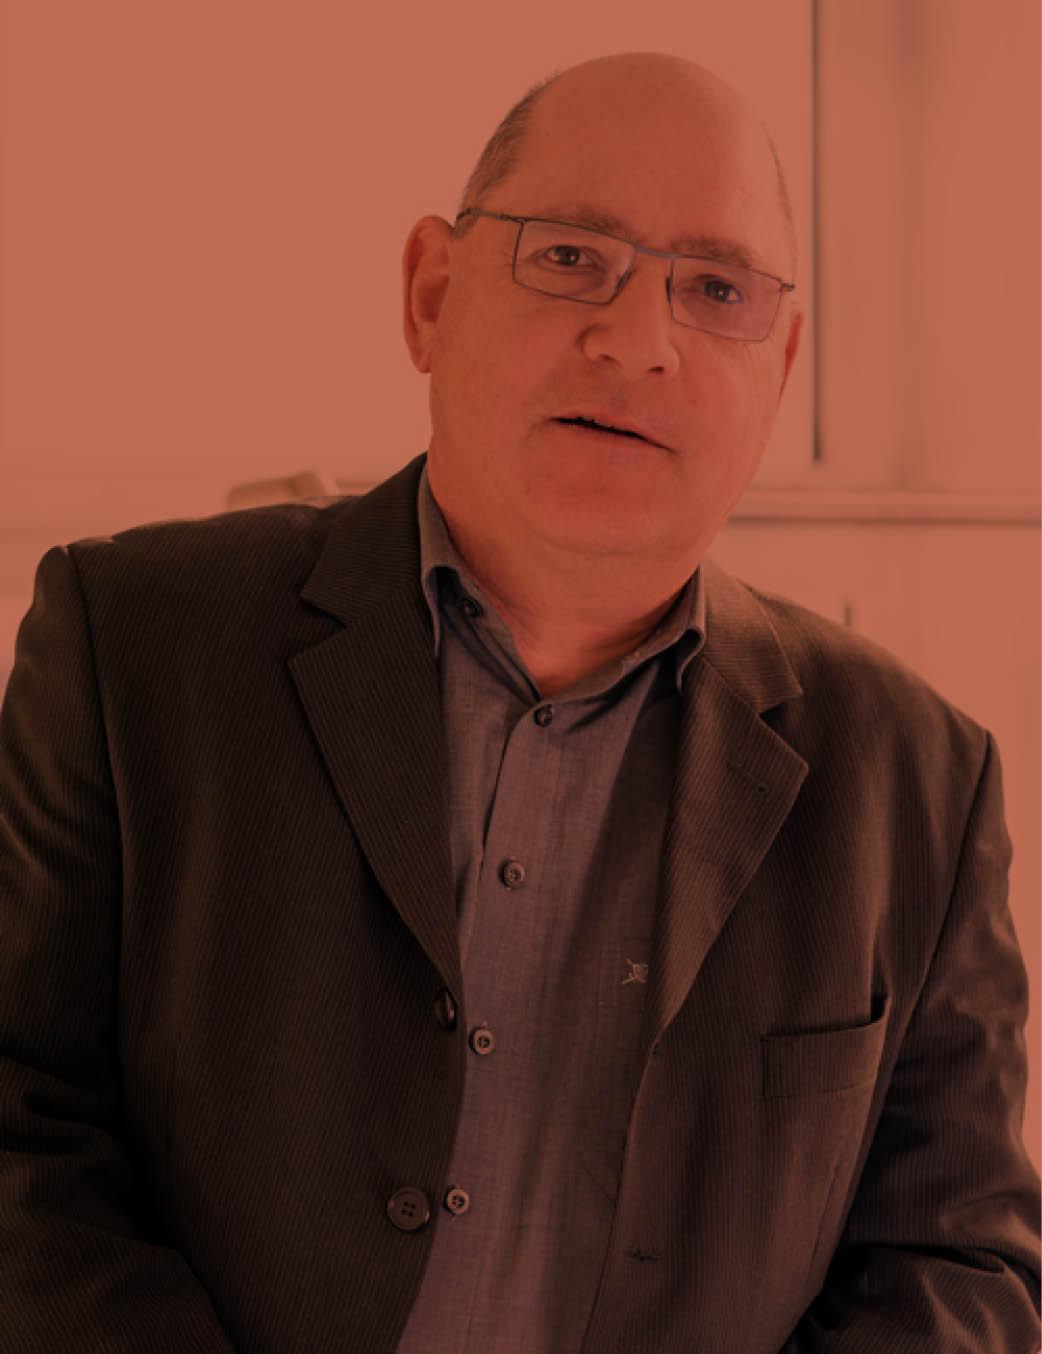 Diplom-Kaufmann Robert Lotspeich